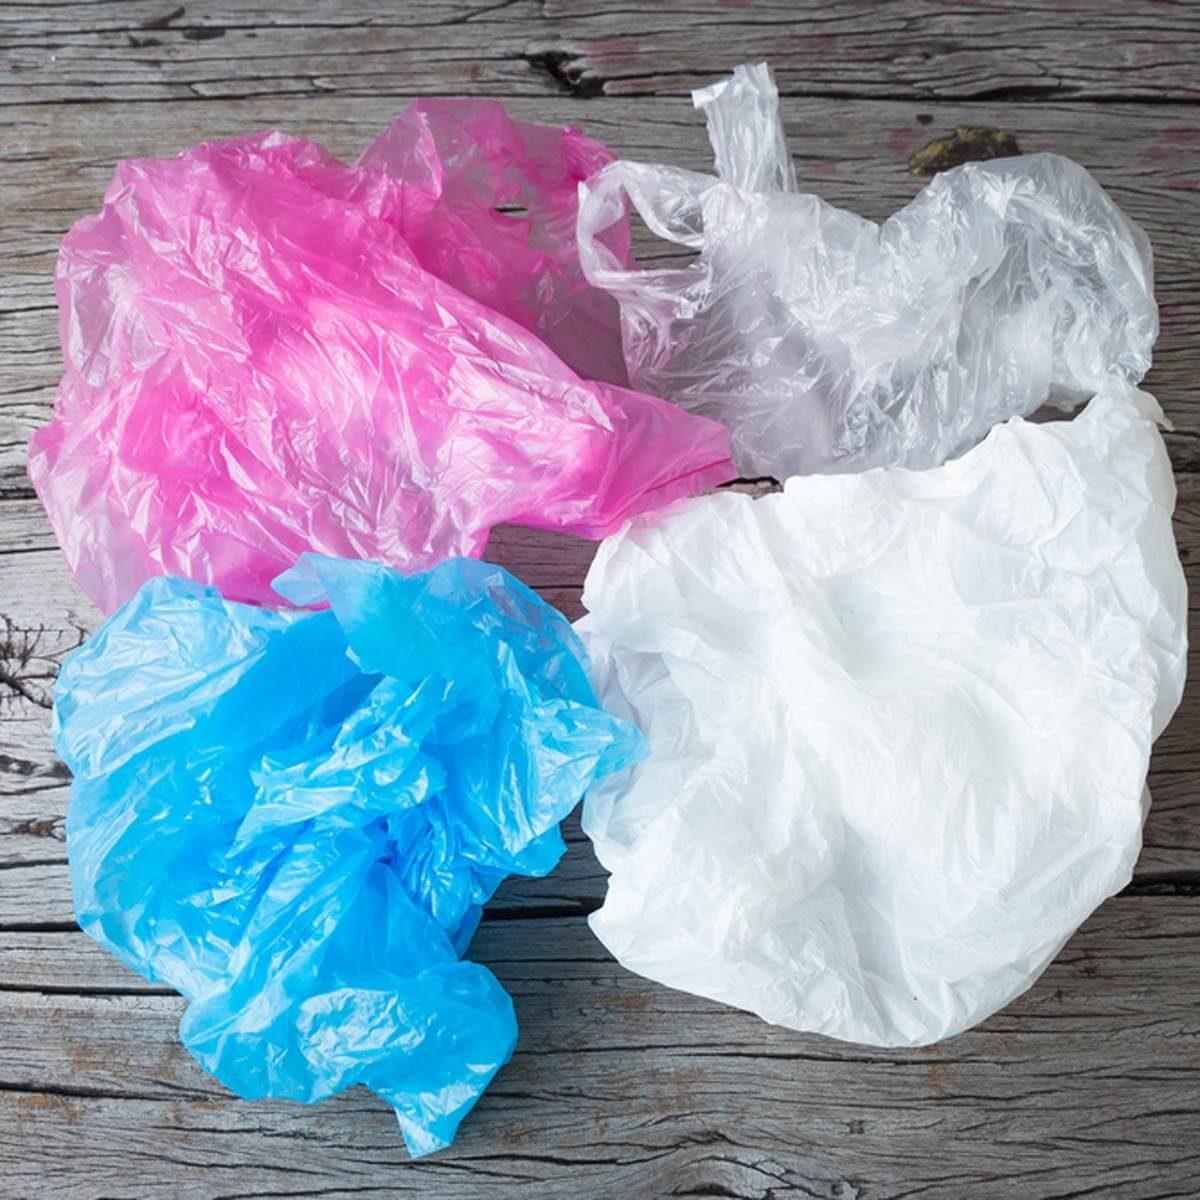 Os sacos de plástico são recicláveis, apenas não os coloque no lixo